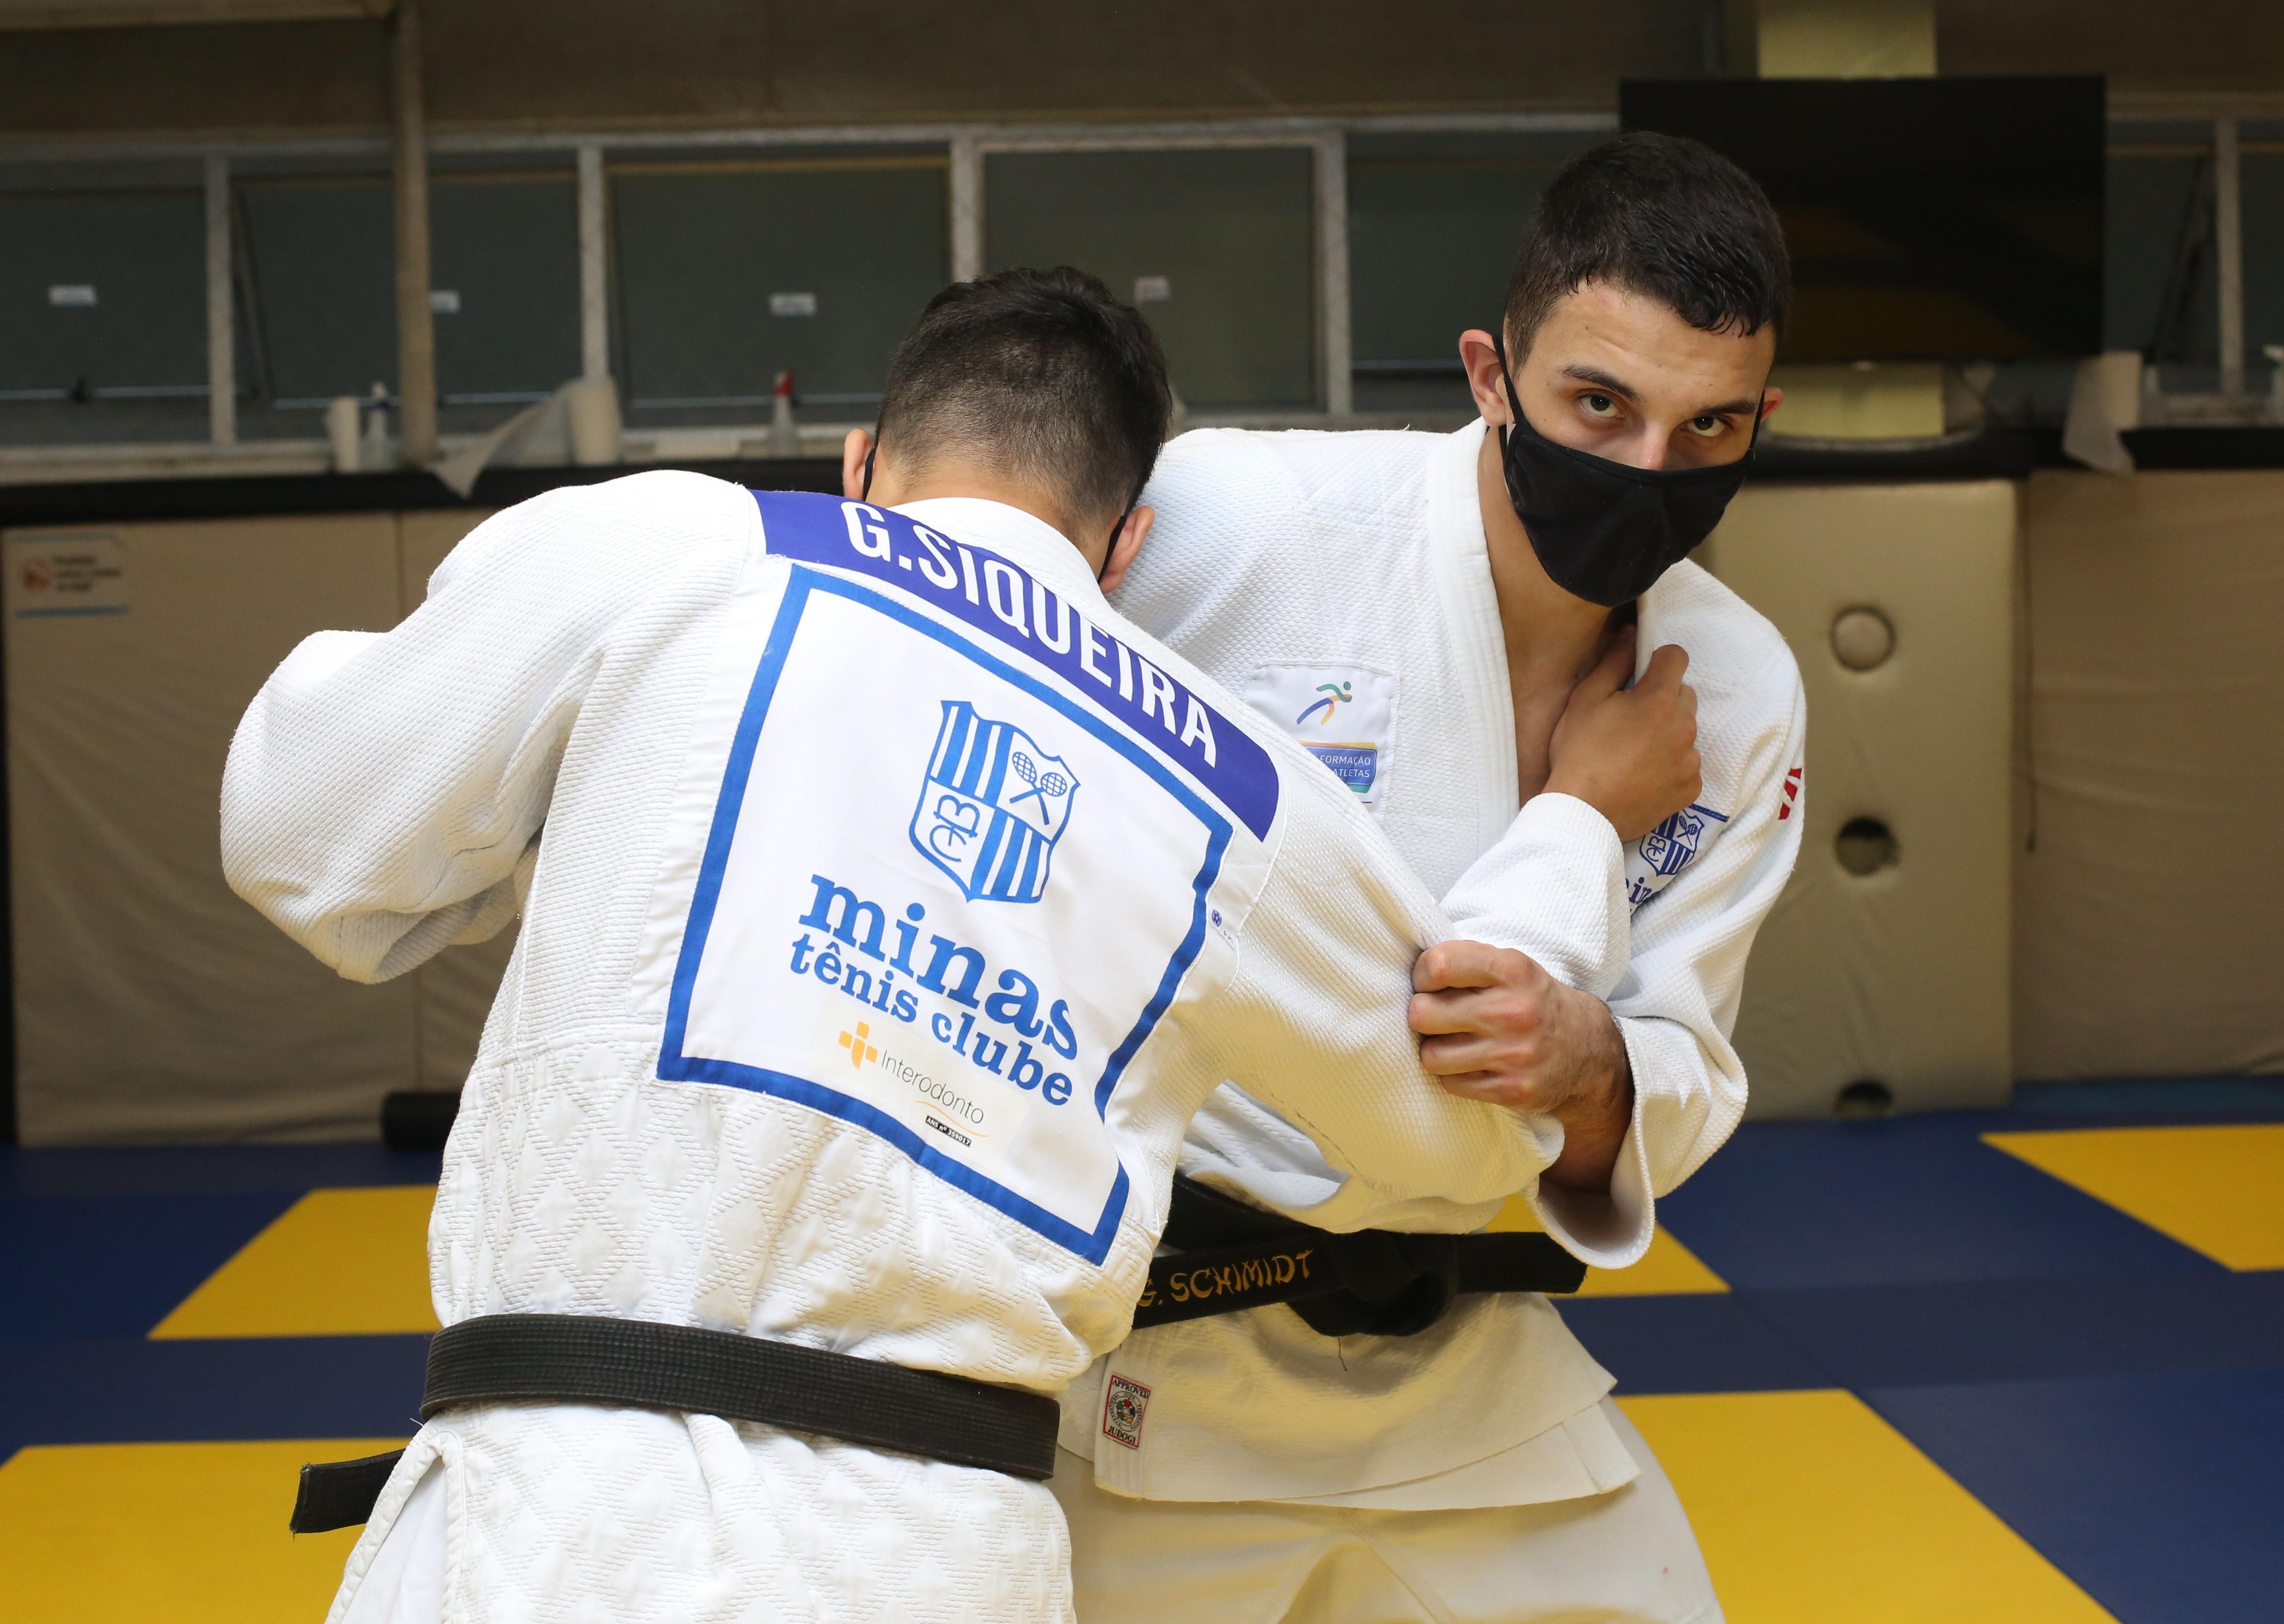 Schimidt entra em disputa nesta sexta-feira, no México (Foto: Orlando Bento/MTC)